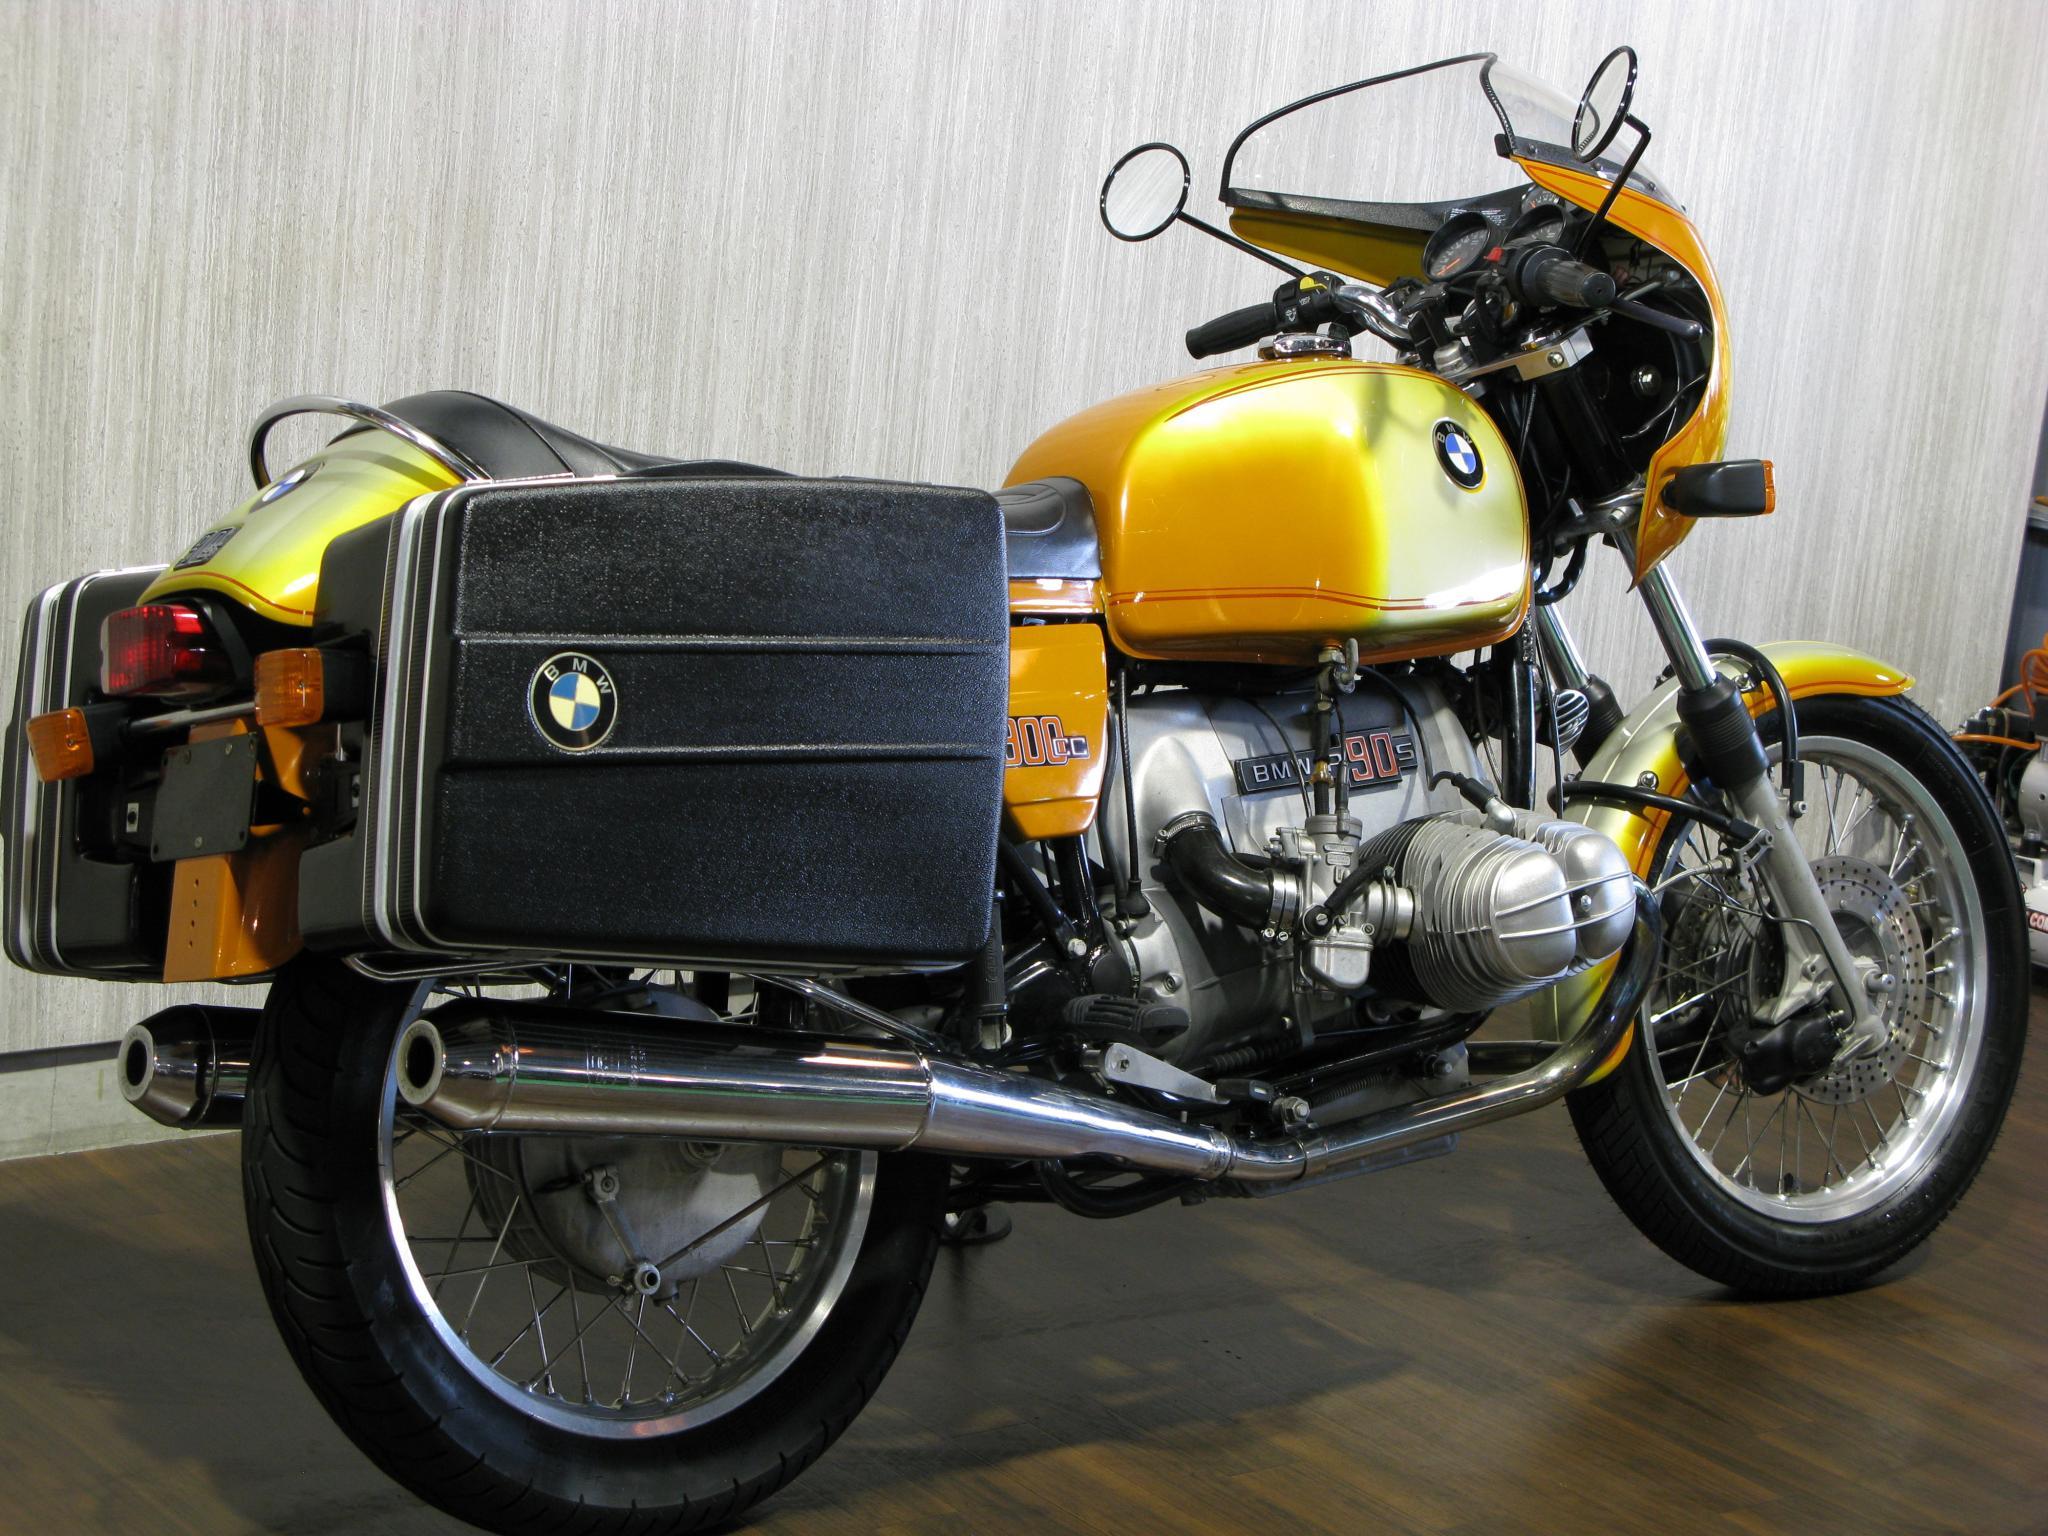 BMW 1976 BMW R90S 車体写真3